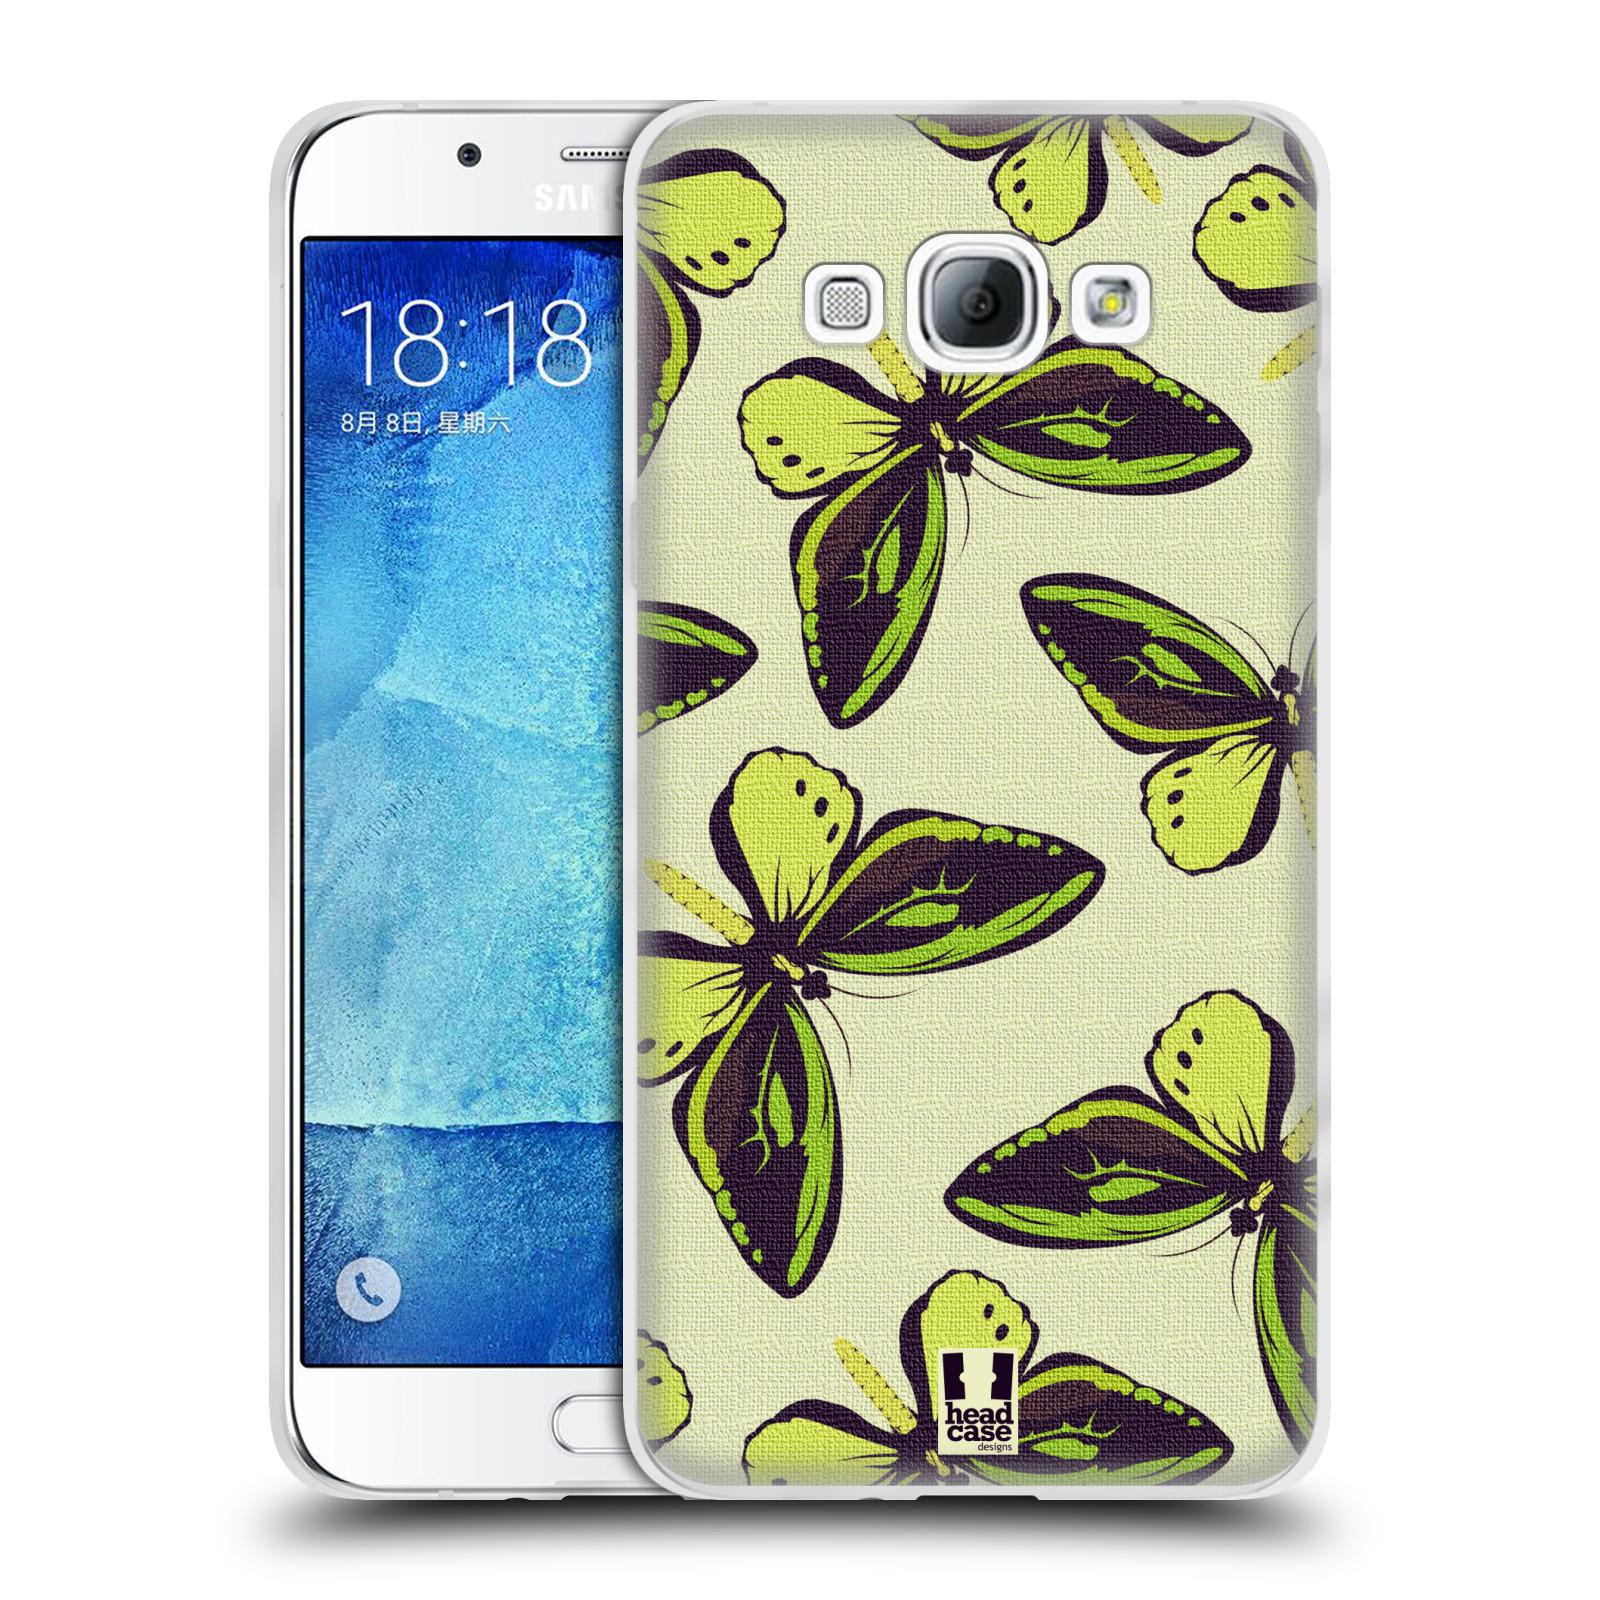 HEAD CASE silikonový obal na mobil Samsung Galaxy A8 vzor Motýlci Poseidon zelená